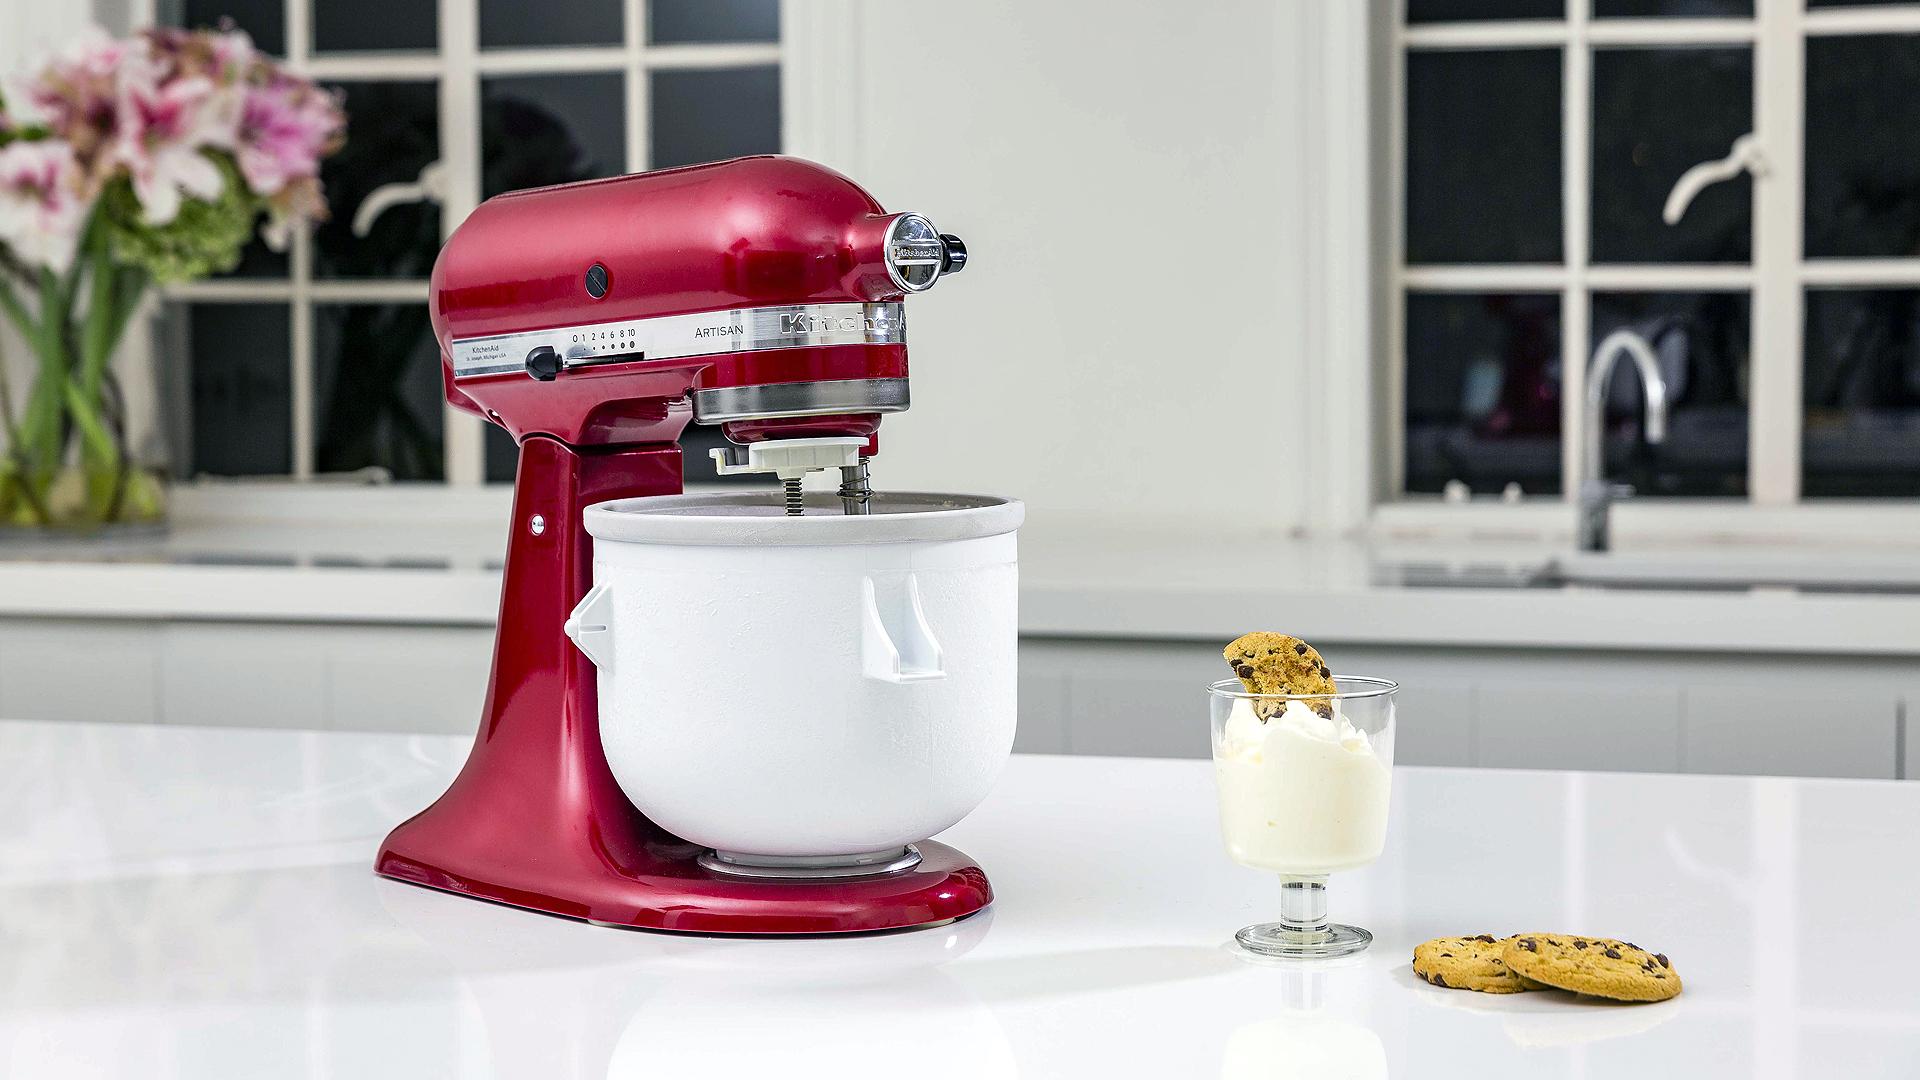 Best Ice Cream Maker machine in India